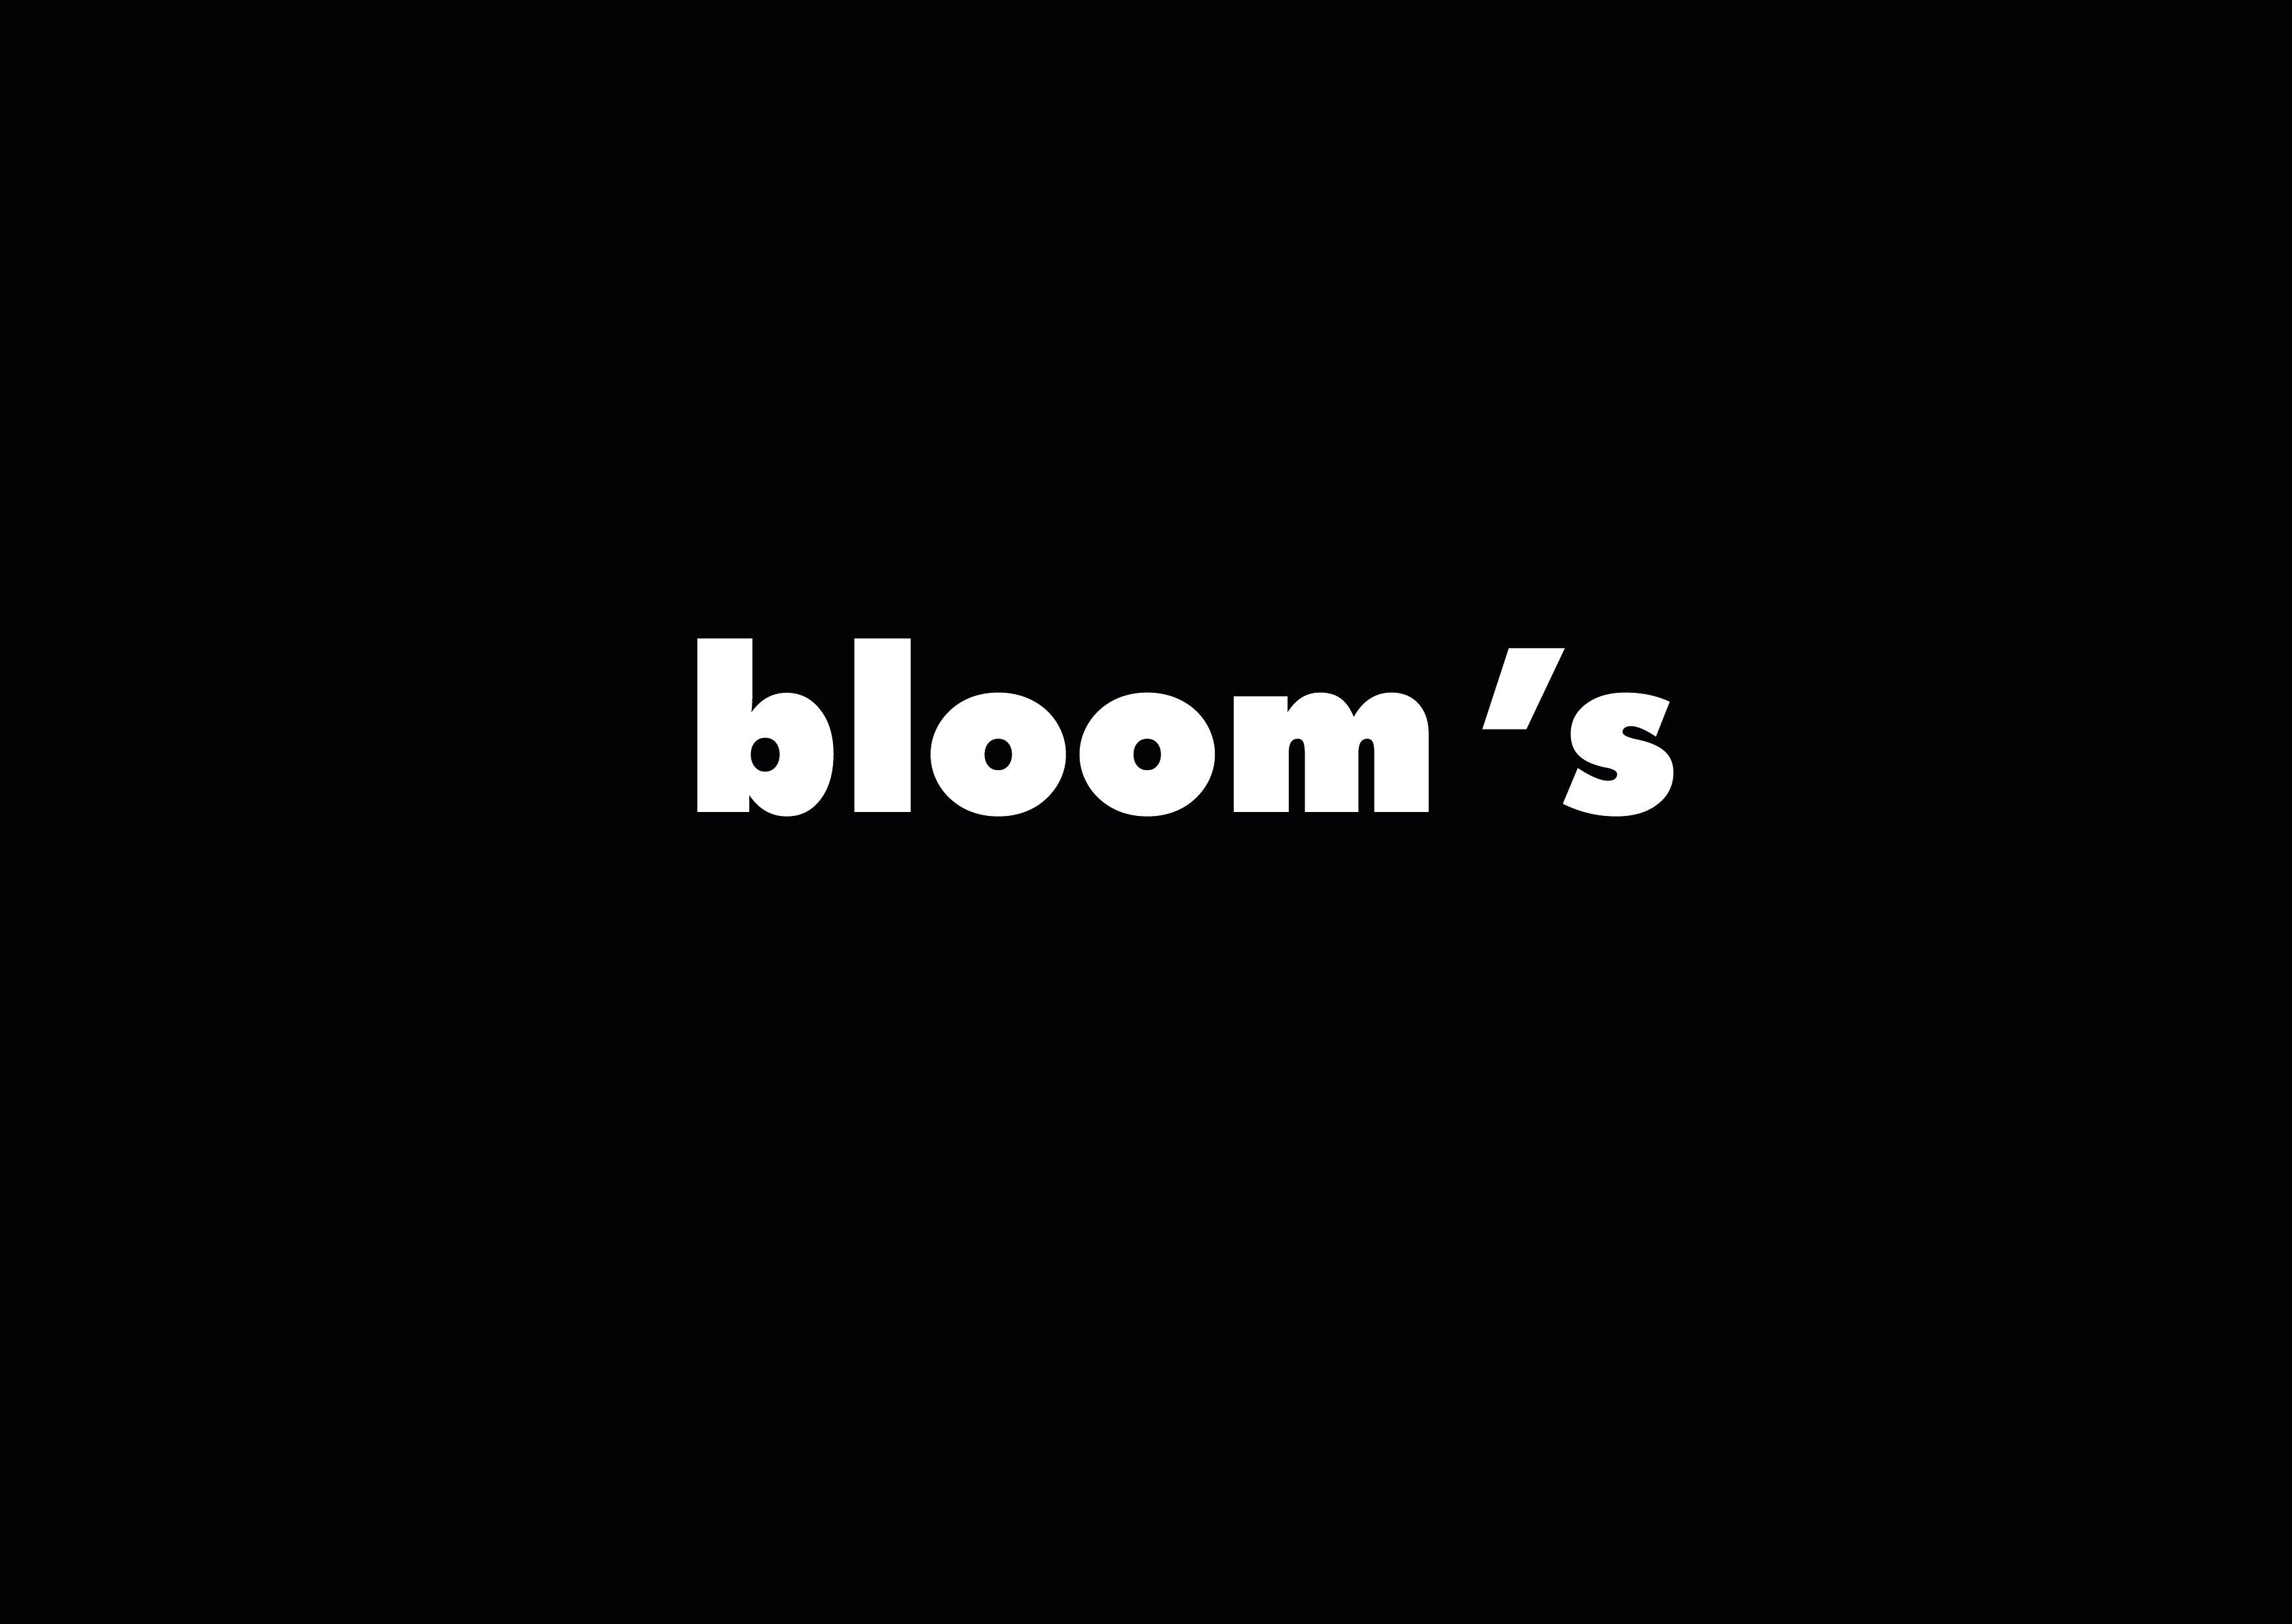 bllom's - Partner von Verlocke